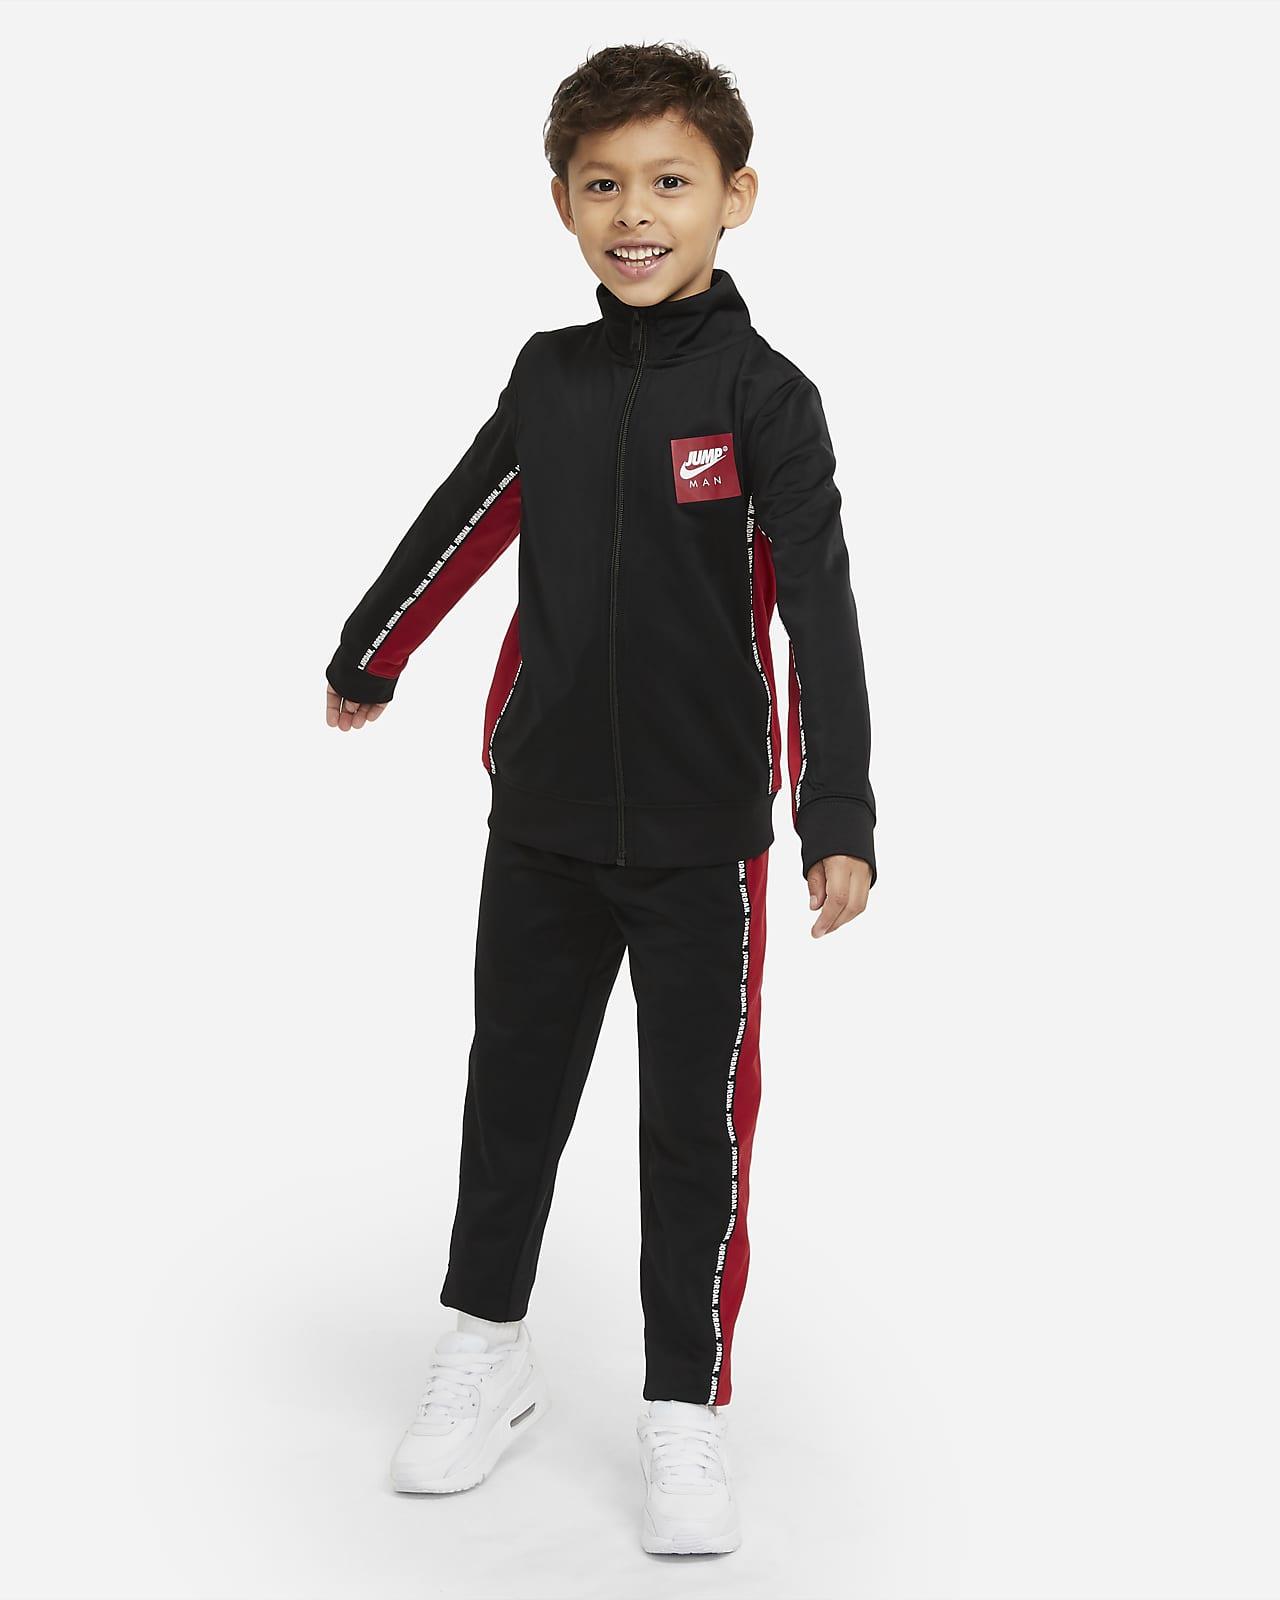 Conjunto de entrenamiento para niños talla pequeña Jordan